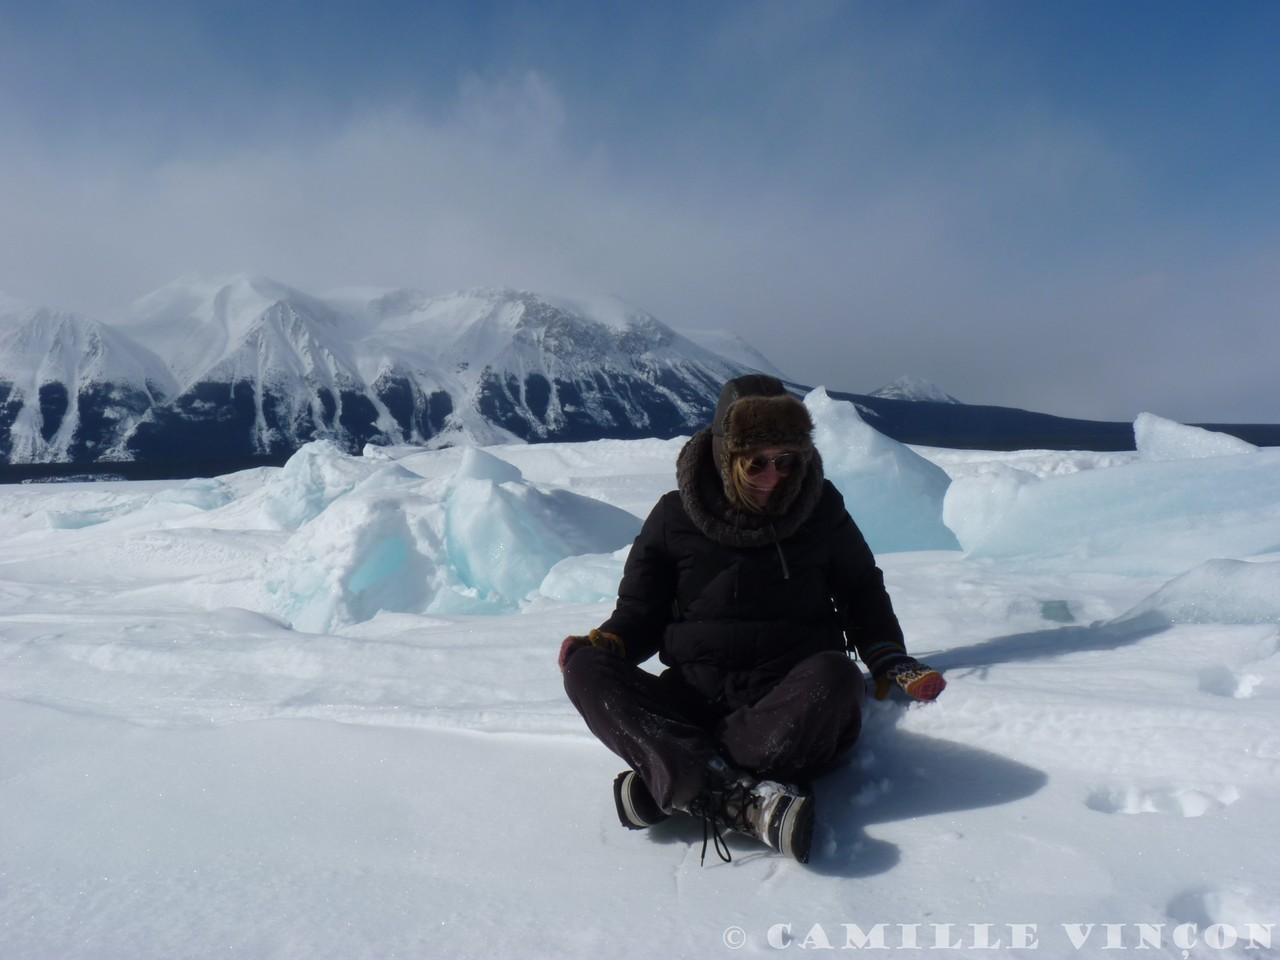 Sur les immenses lacs gelés, le vent pousse parfois la glace et la fait remonter jusqu'à plusieurs mètres parfois.